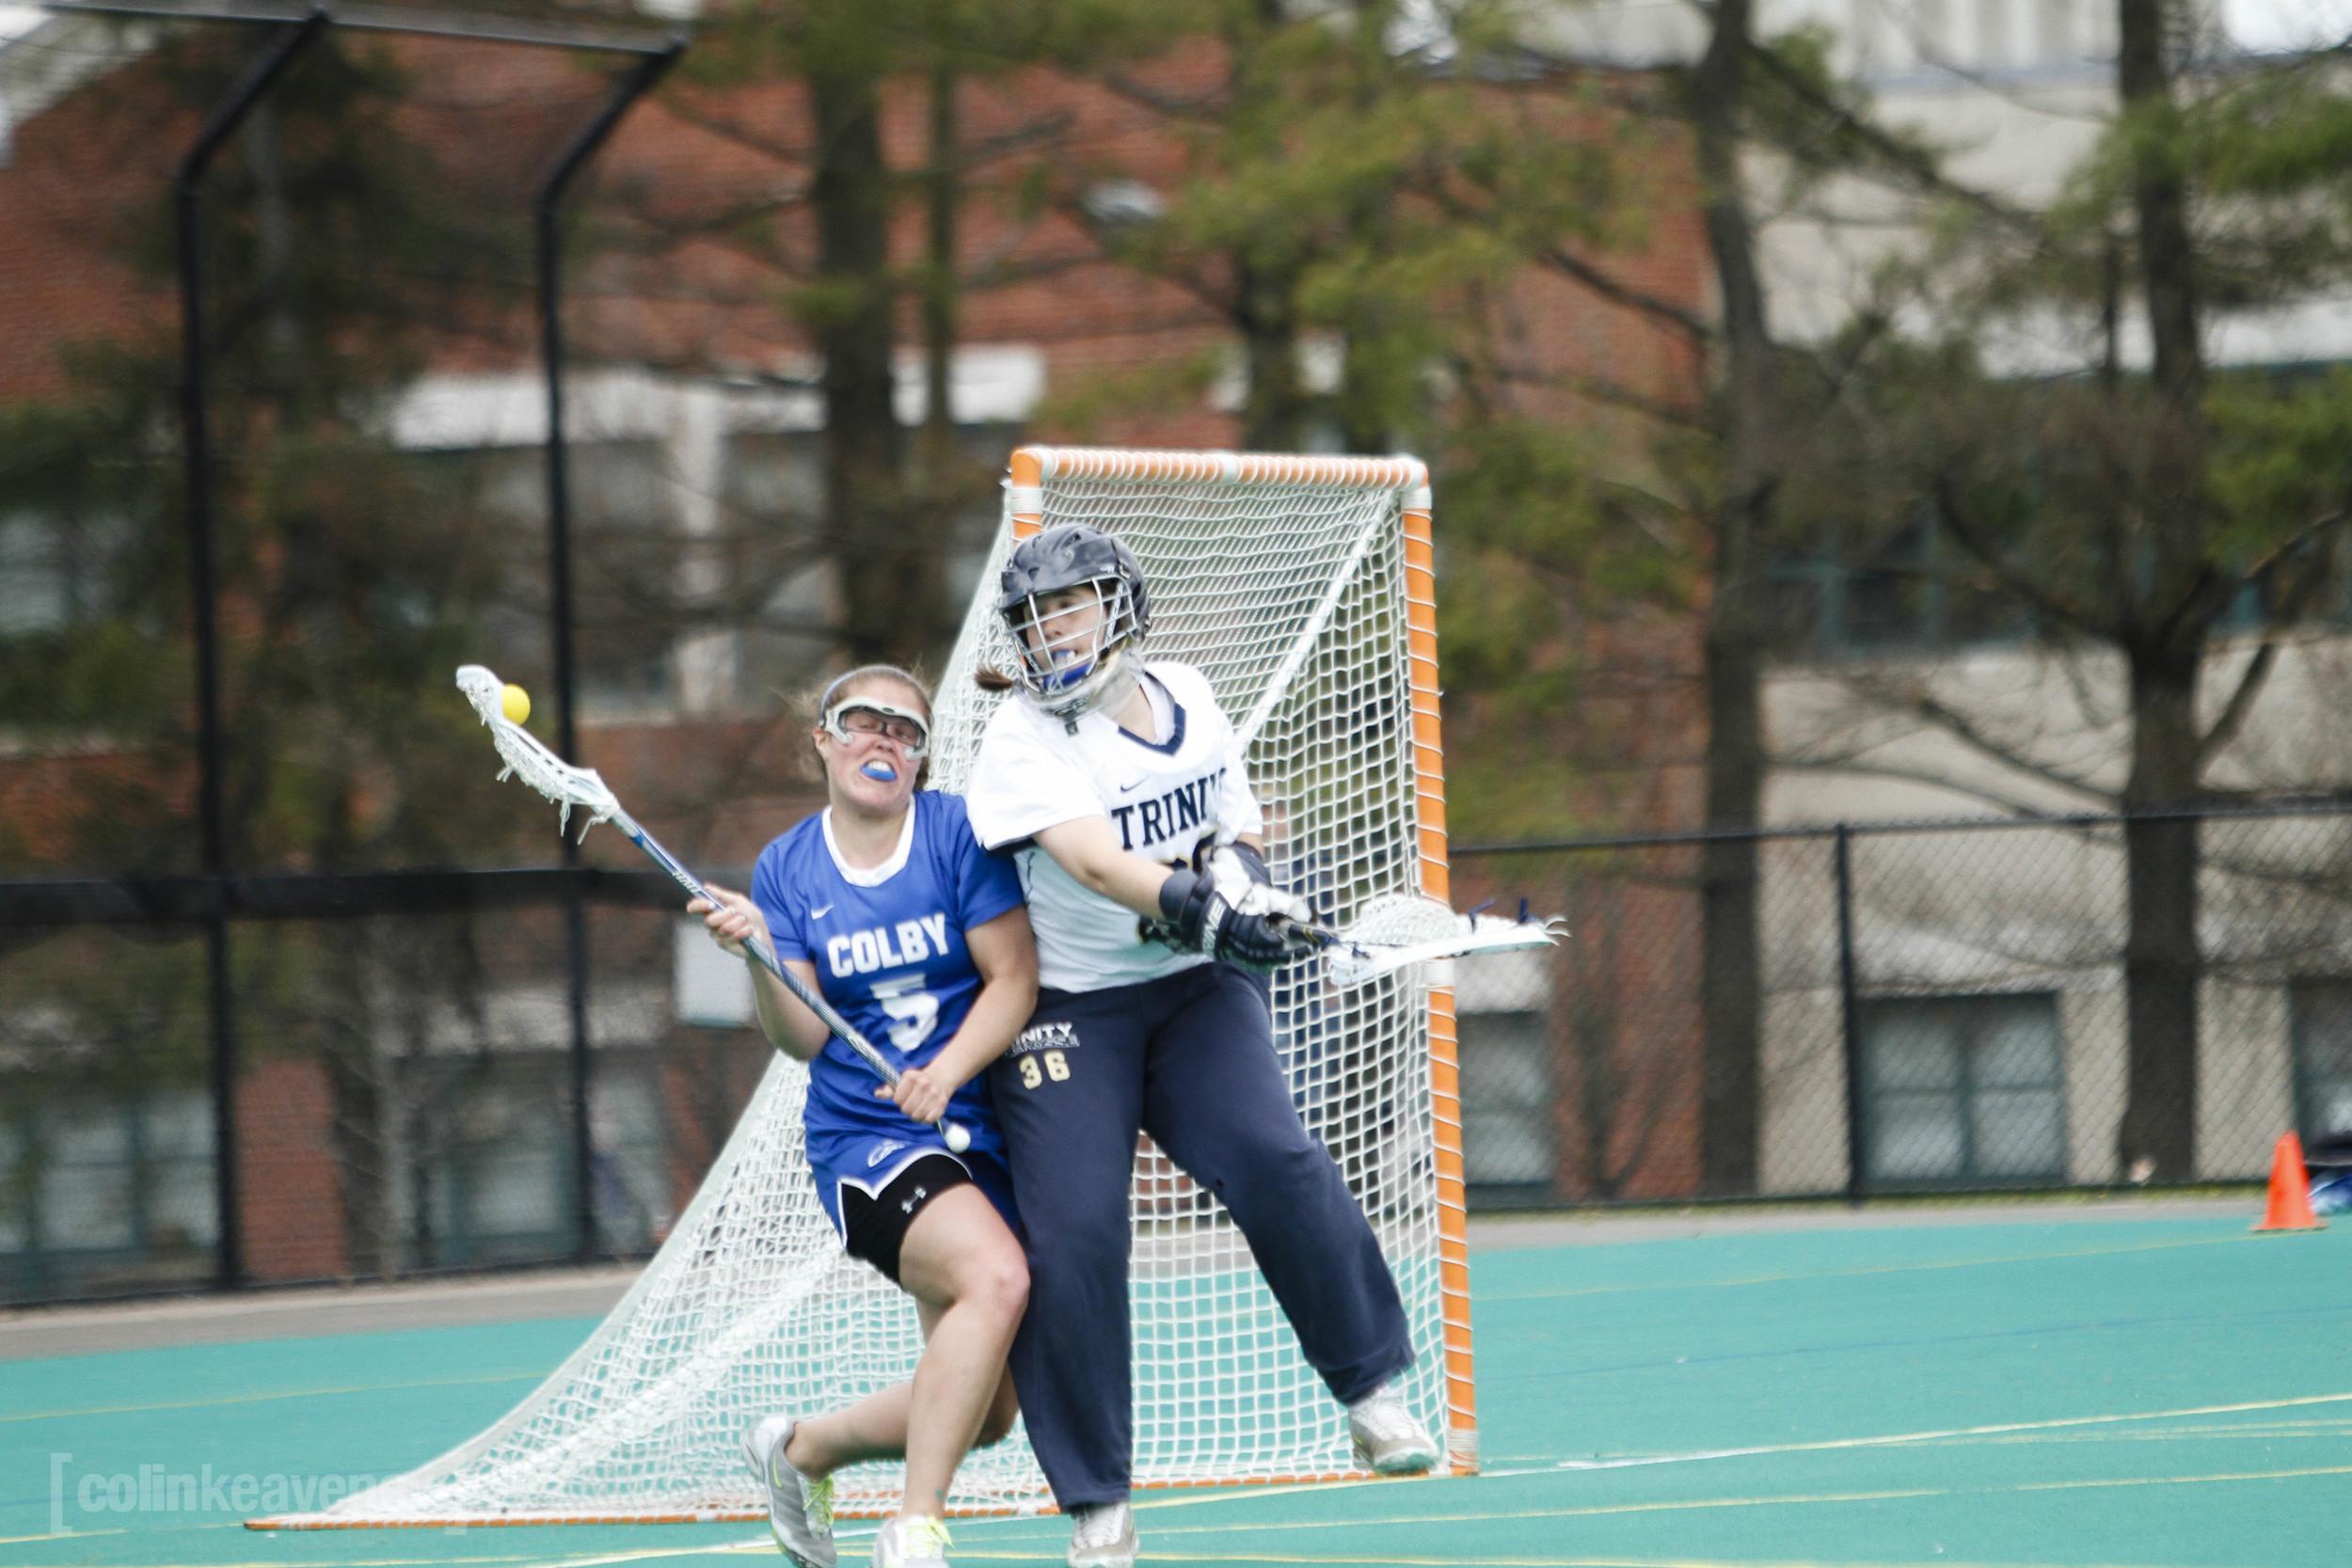 COLBY_lacrosse-82.jpg